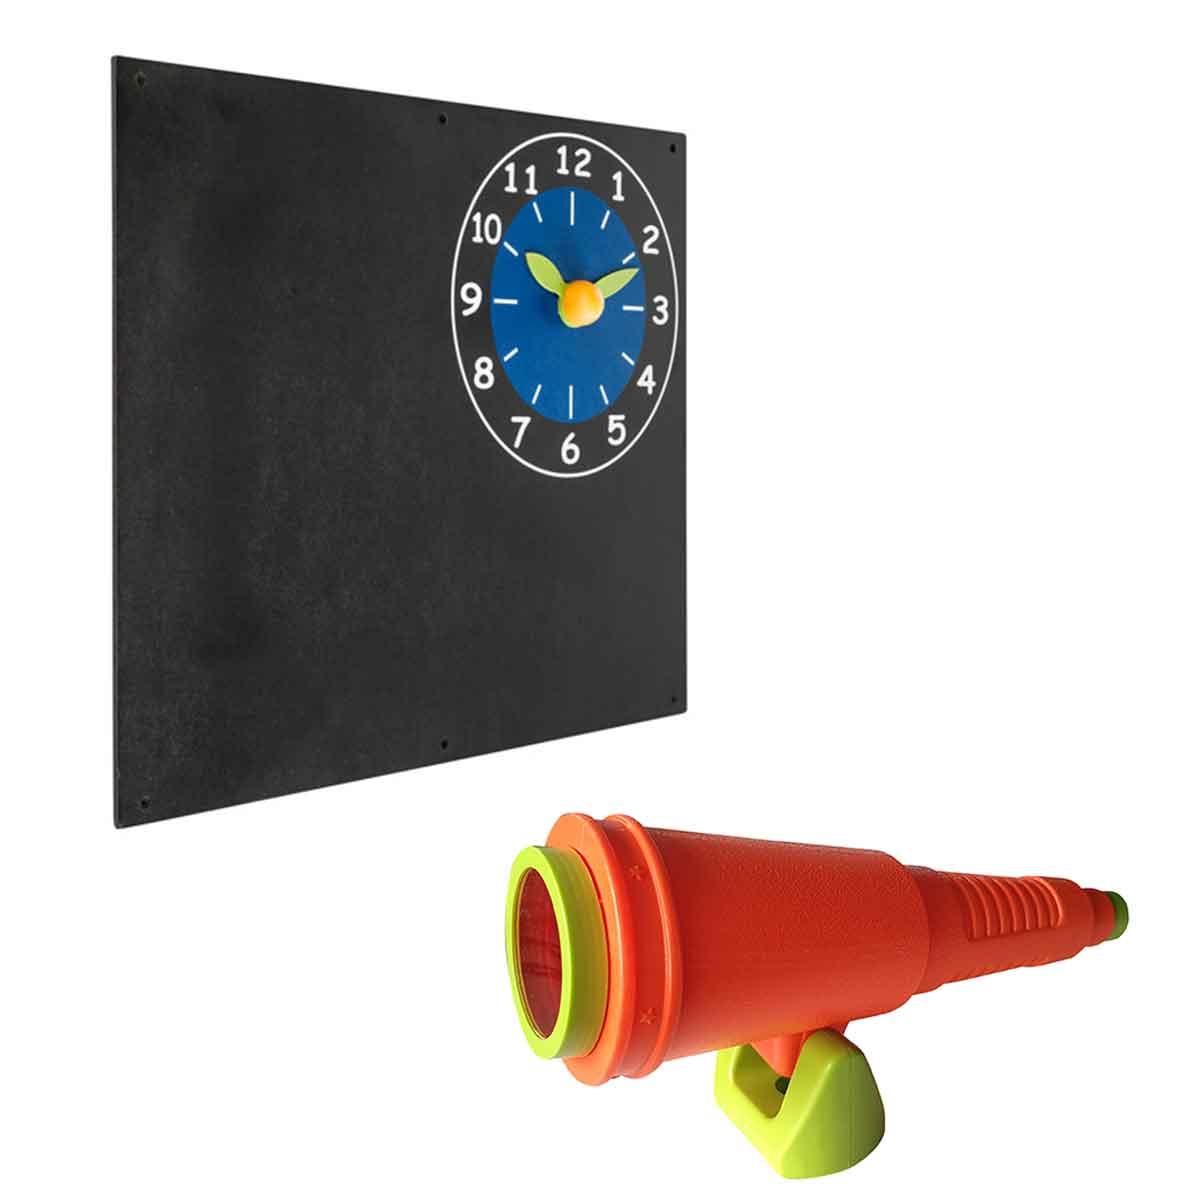 Accessoires en plastique pour aires de jeux